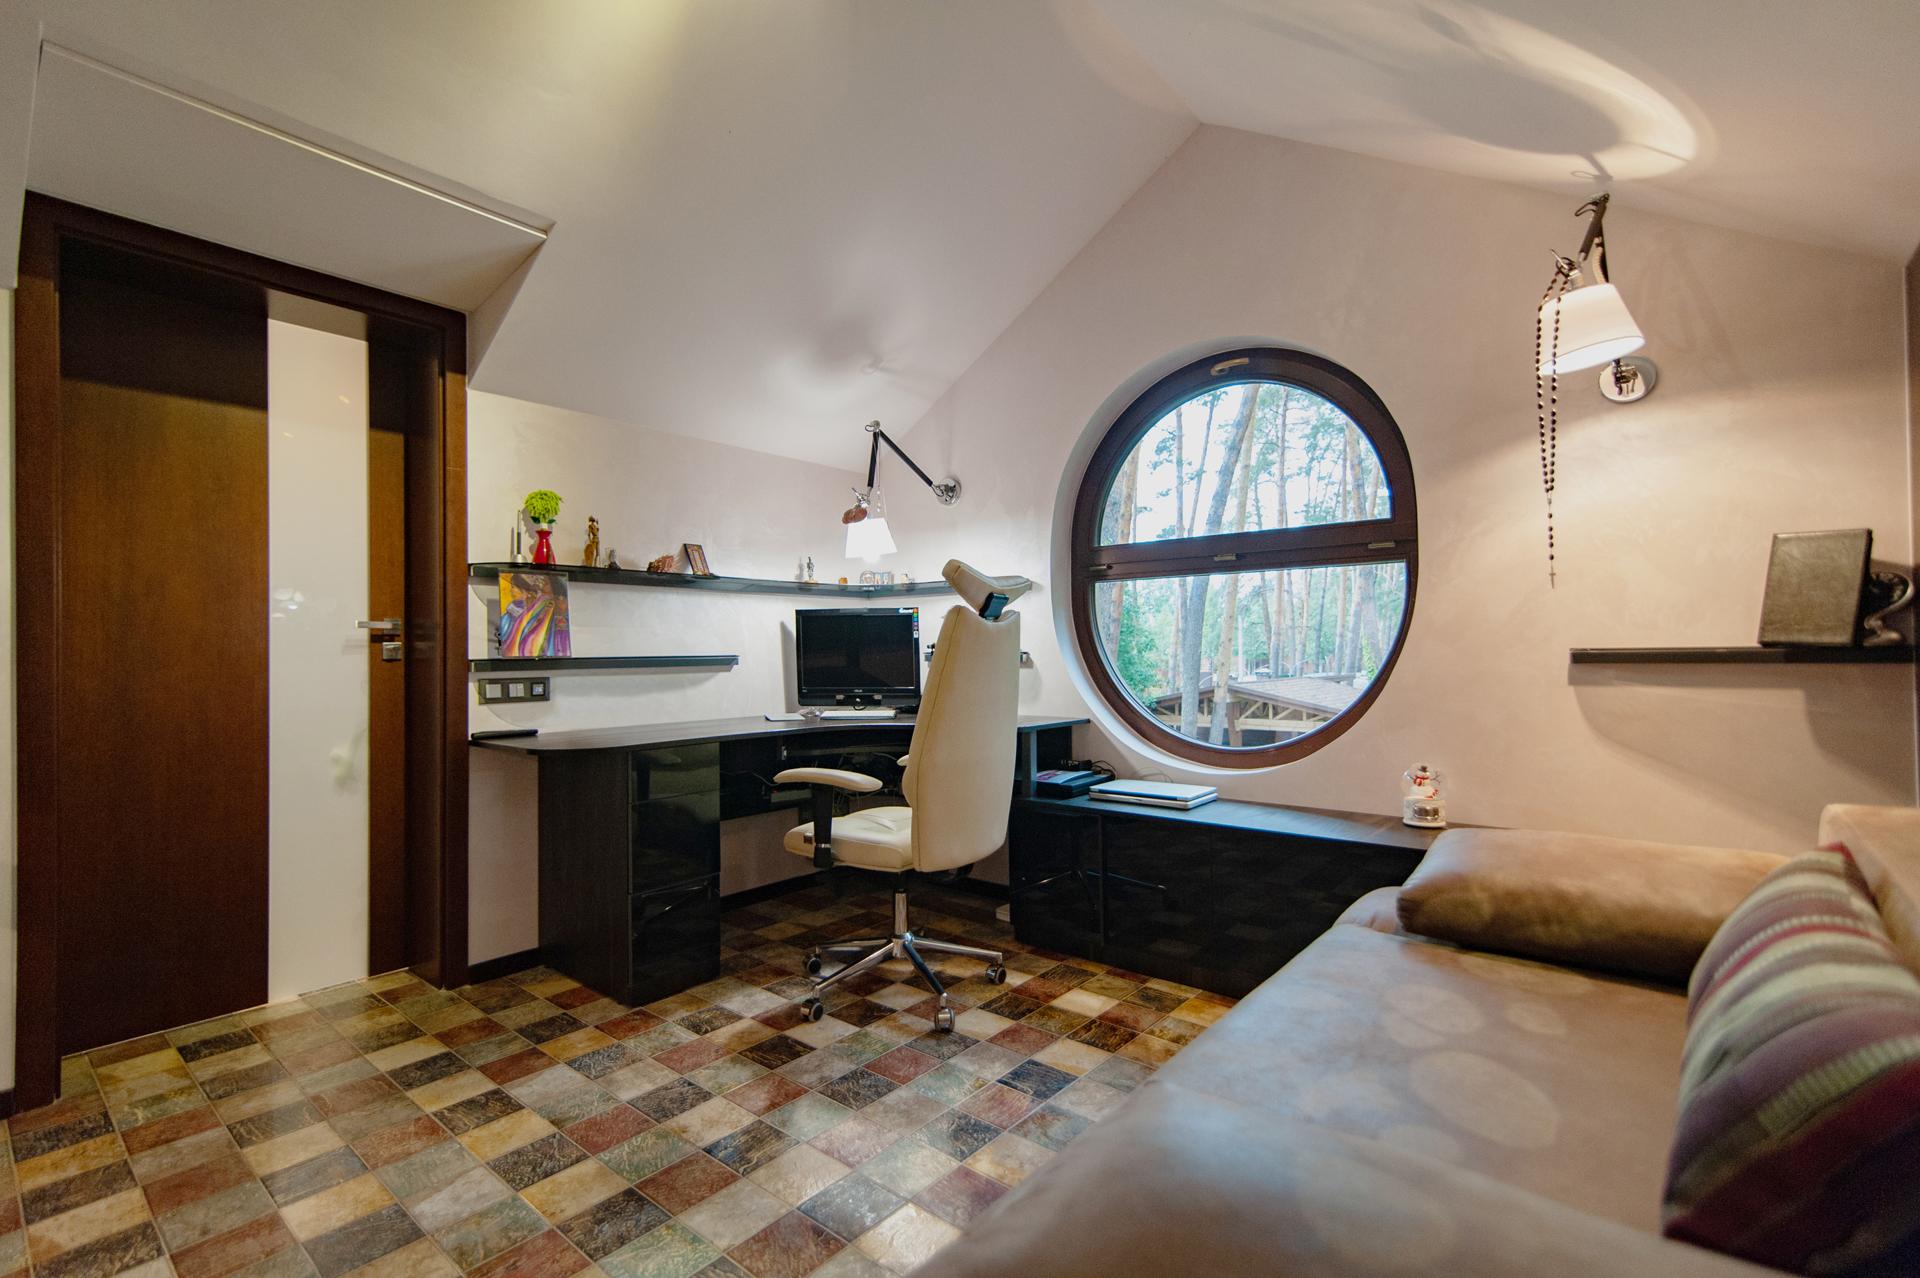 metra-studio_современный-дизайн-интерьер